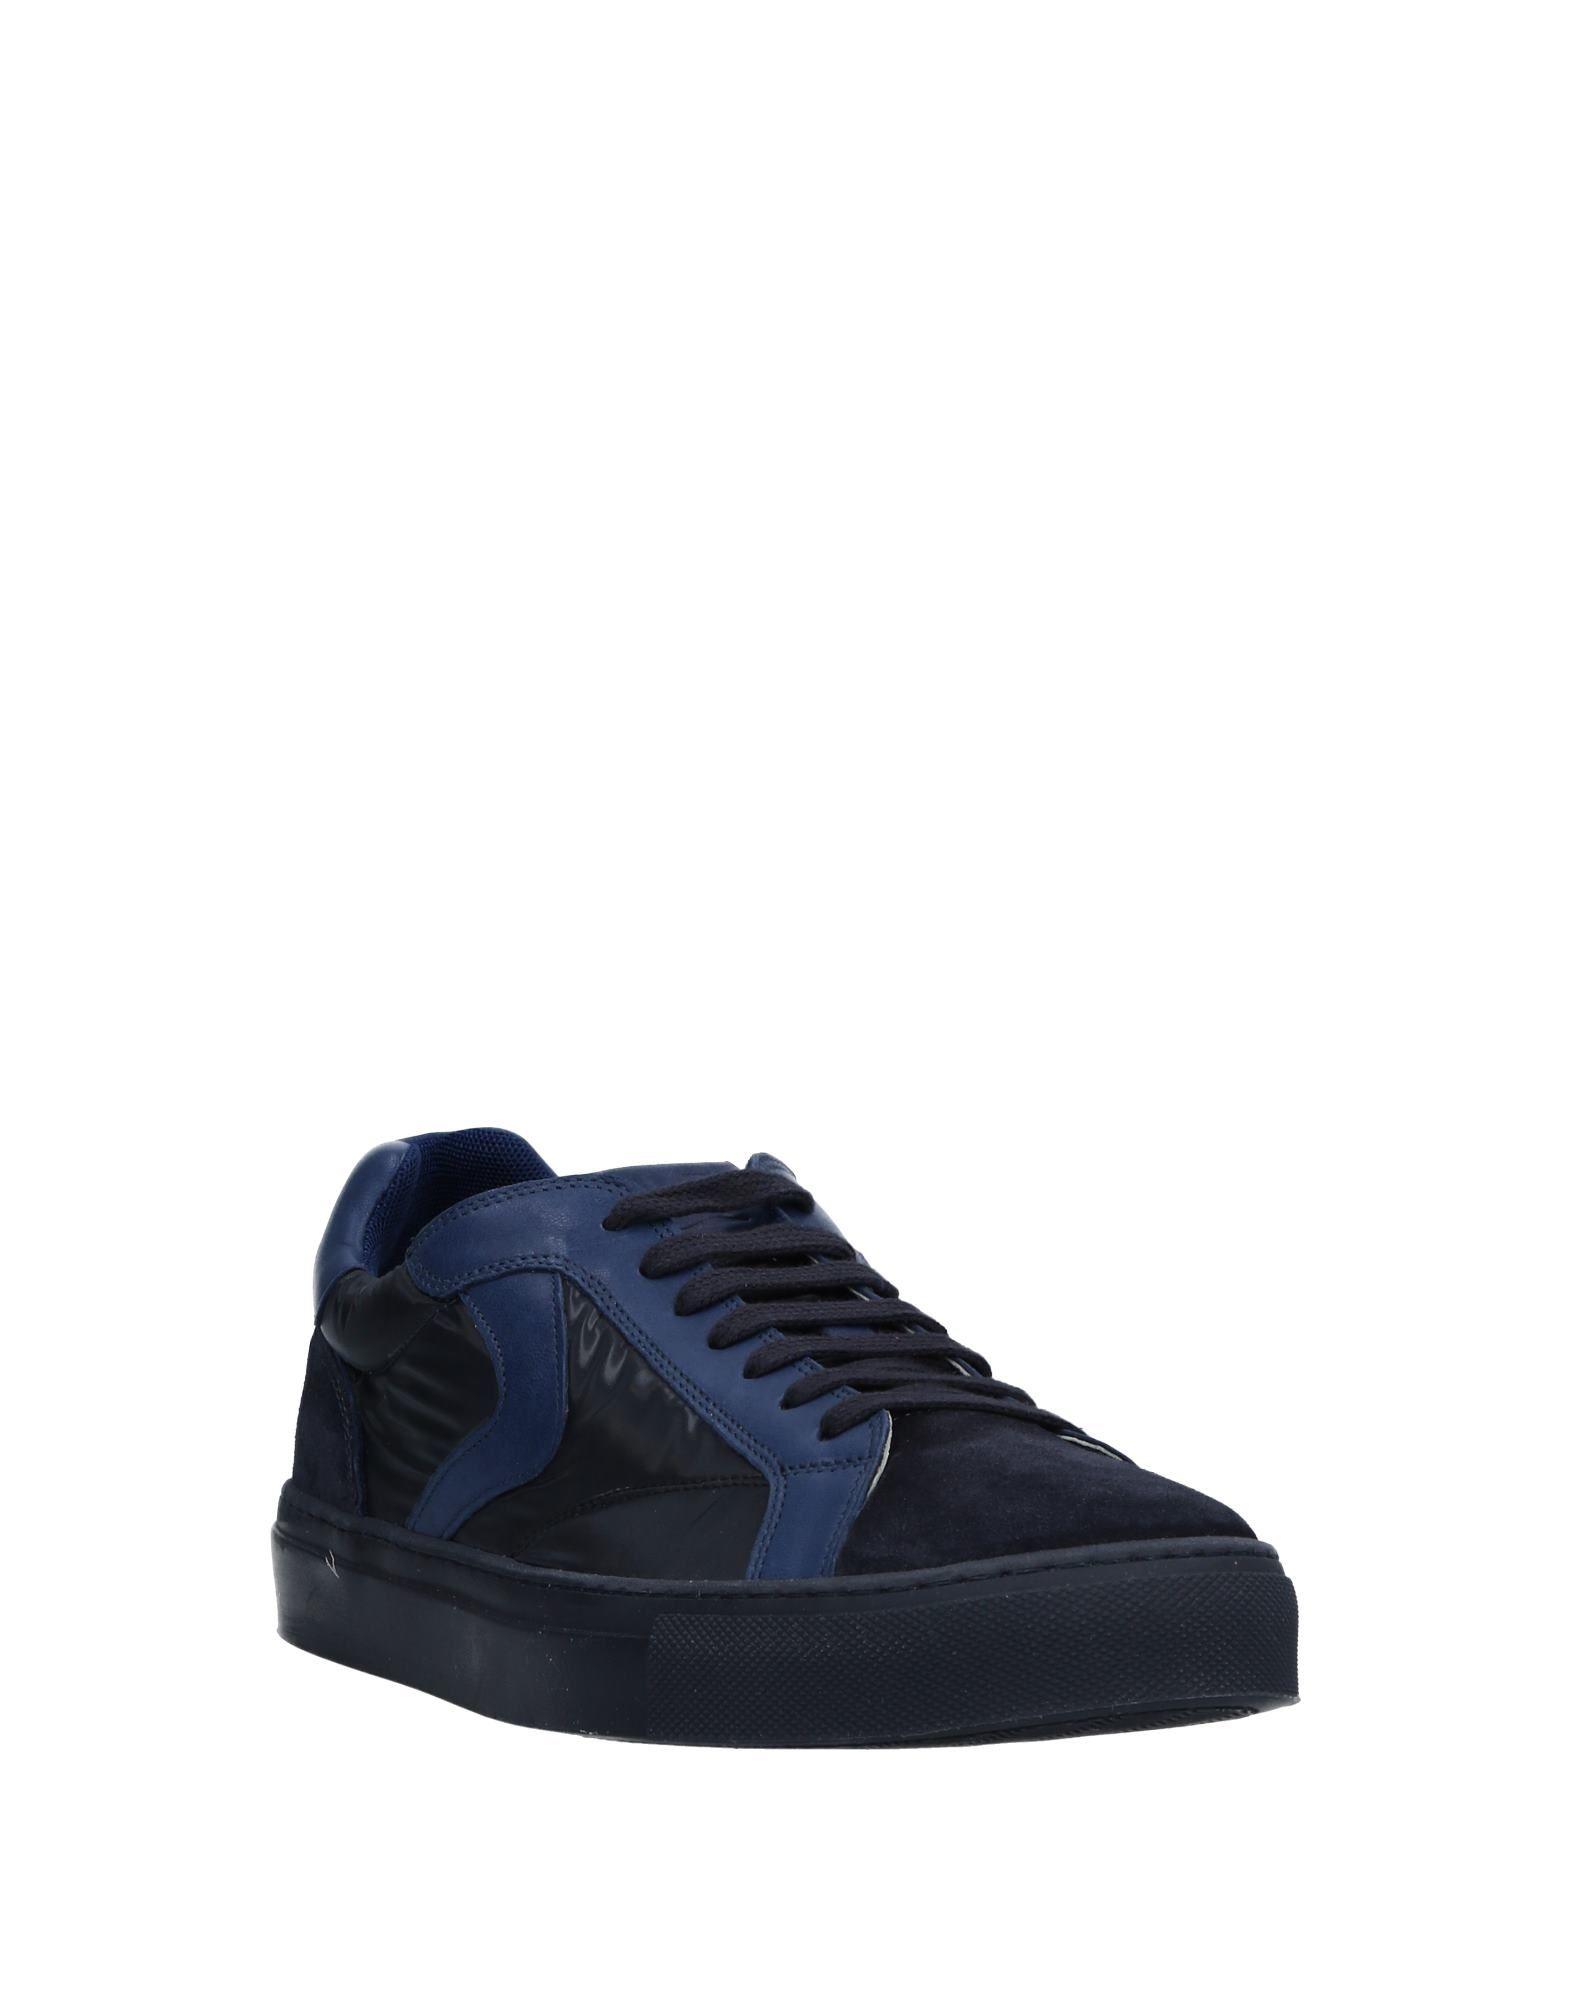 Voile Blanche Sneakers Qualität Herren  11534665IJ Gute Qualität Sneakers beliebte Schuhe b3fde3